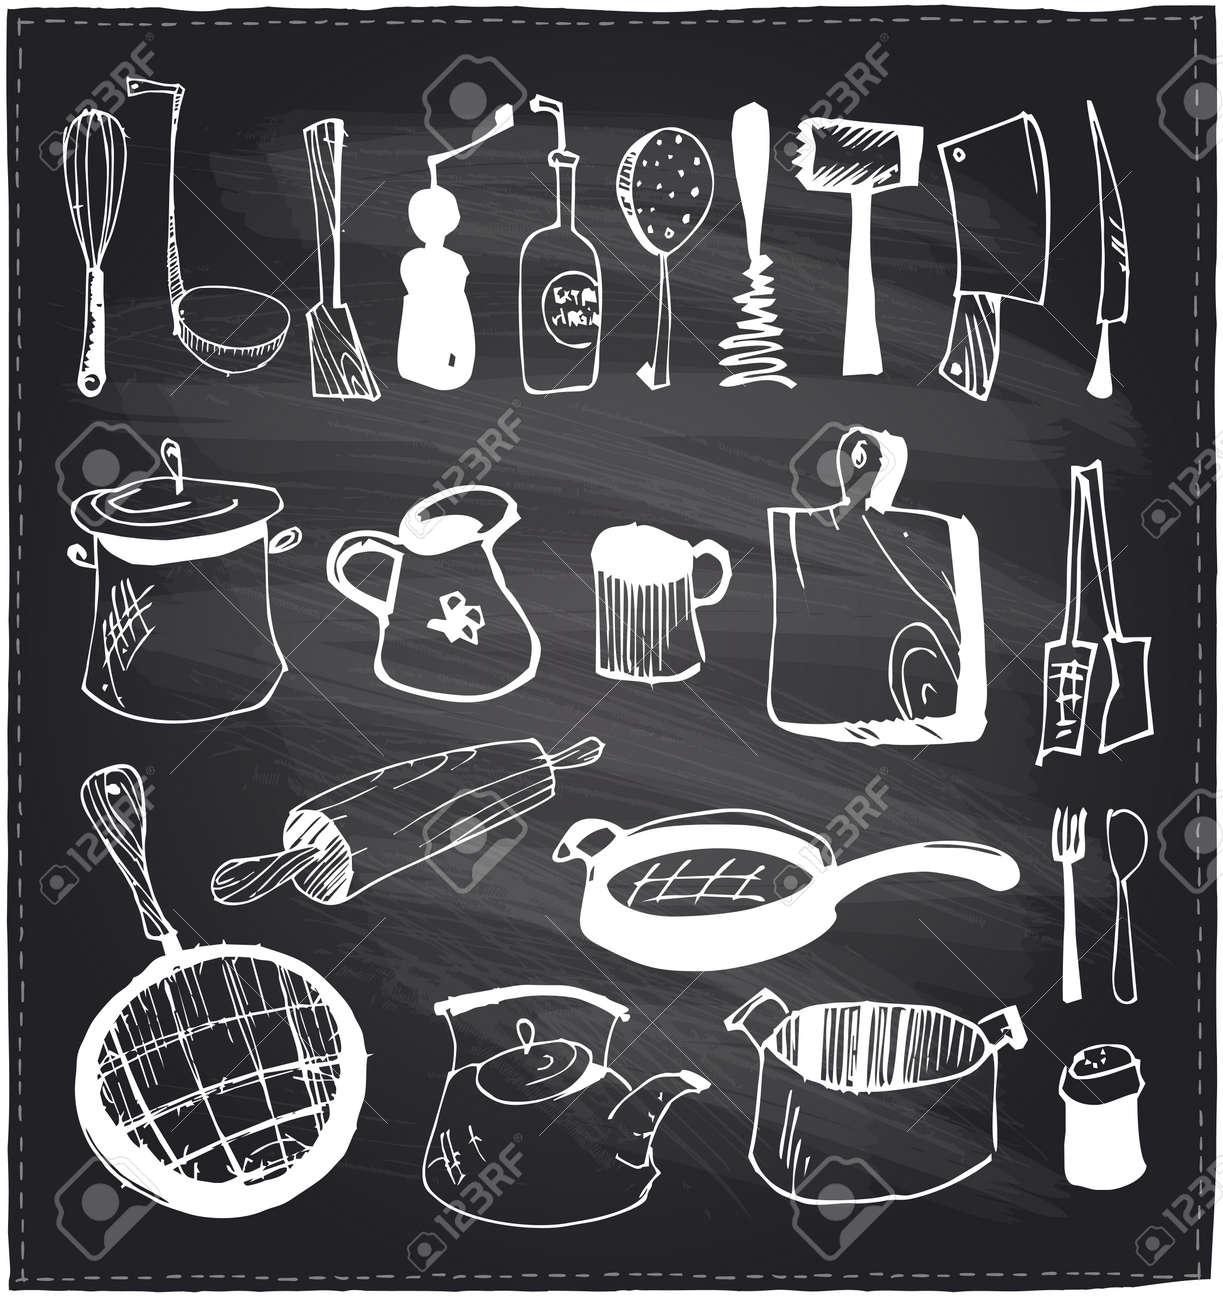 Chalkboard Kitchen Hand Drawn Set Of Kitchen Utensils On A Chalkboard Background